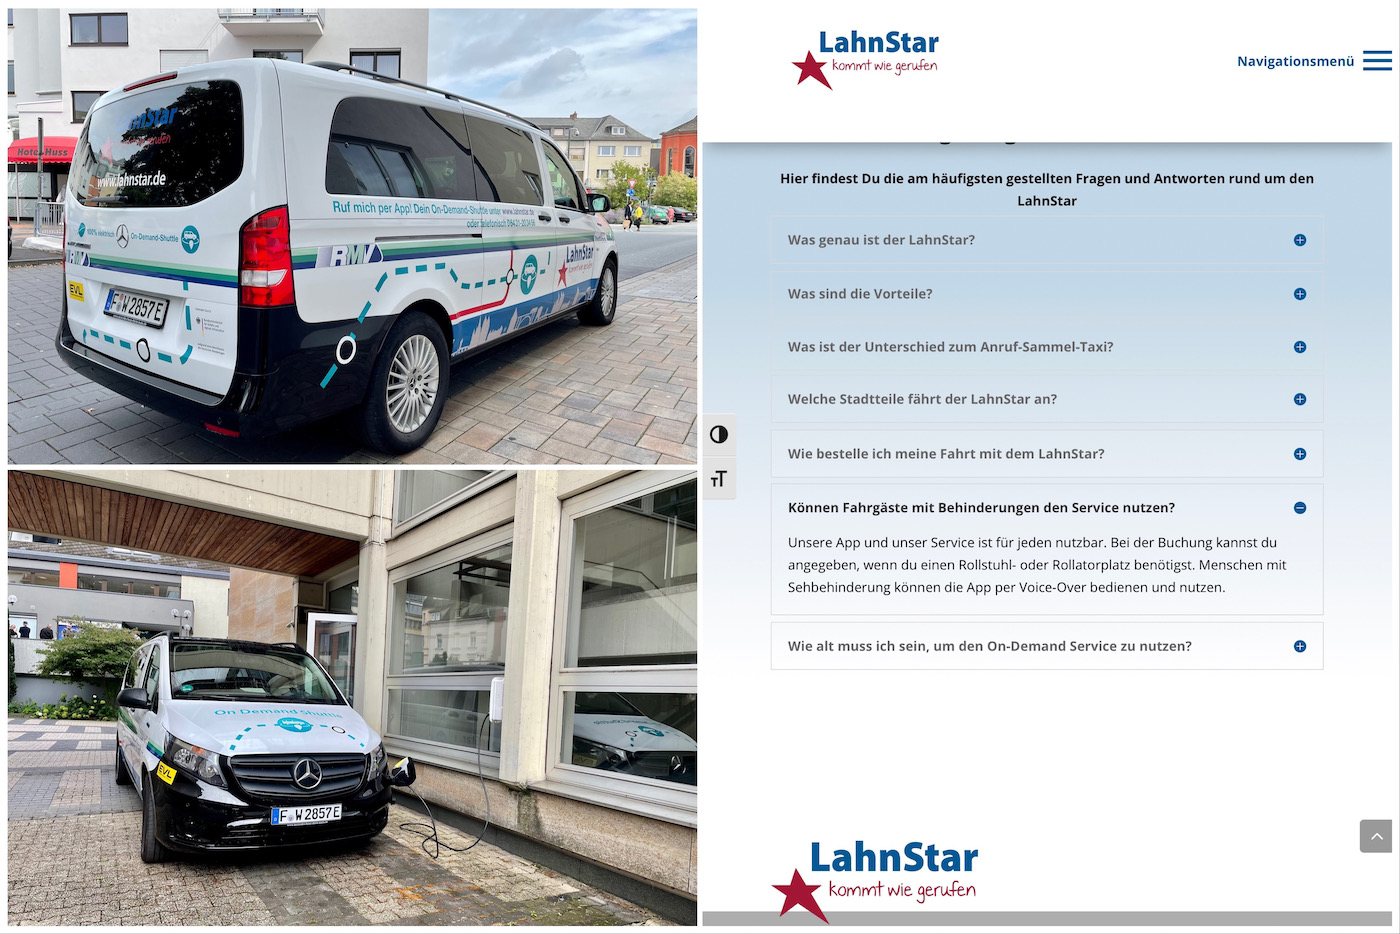 LahnStar